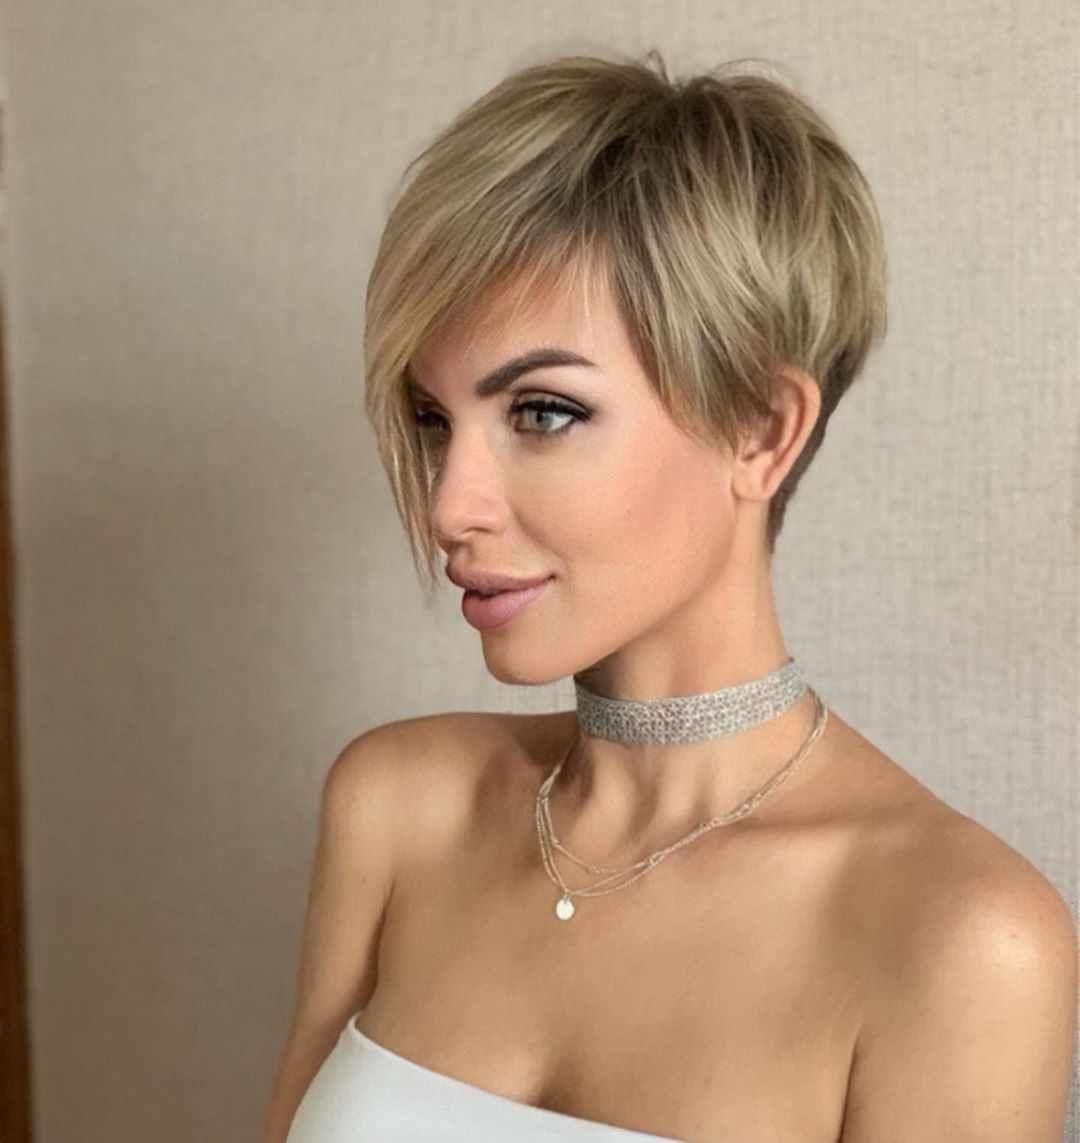 Feminine Pixie Haircuts Ideas for Women in 11 Year  Short hair